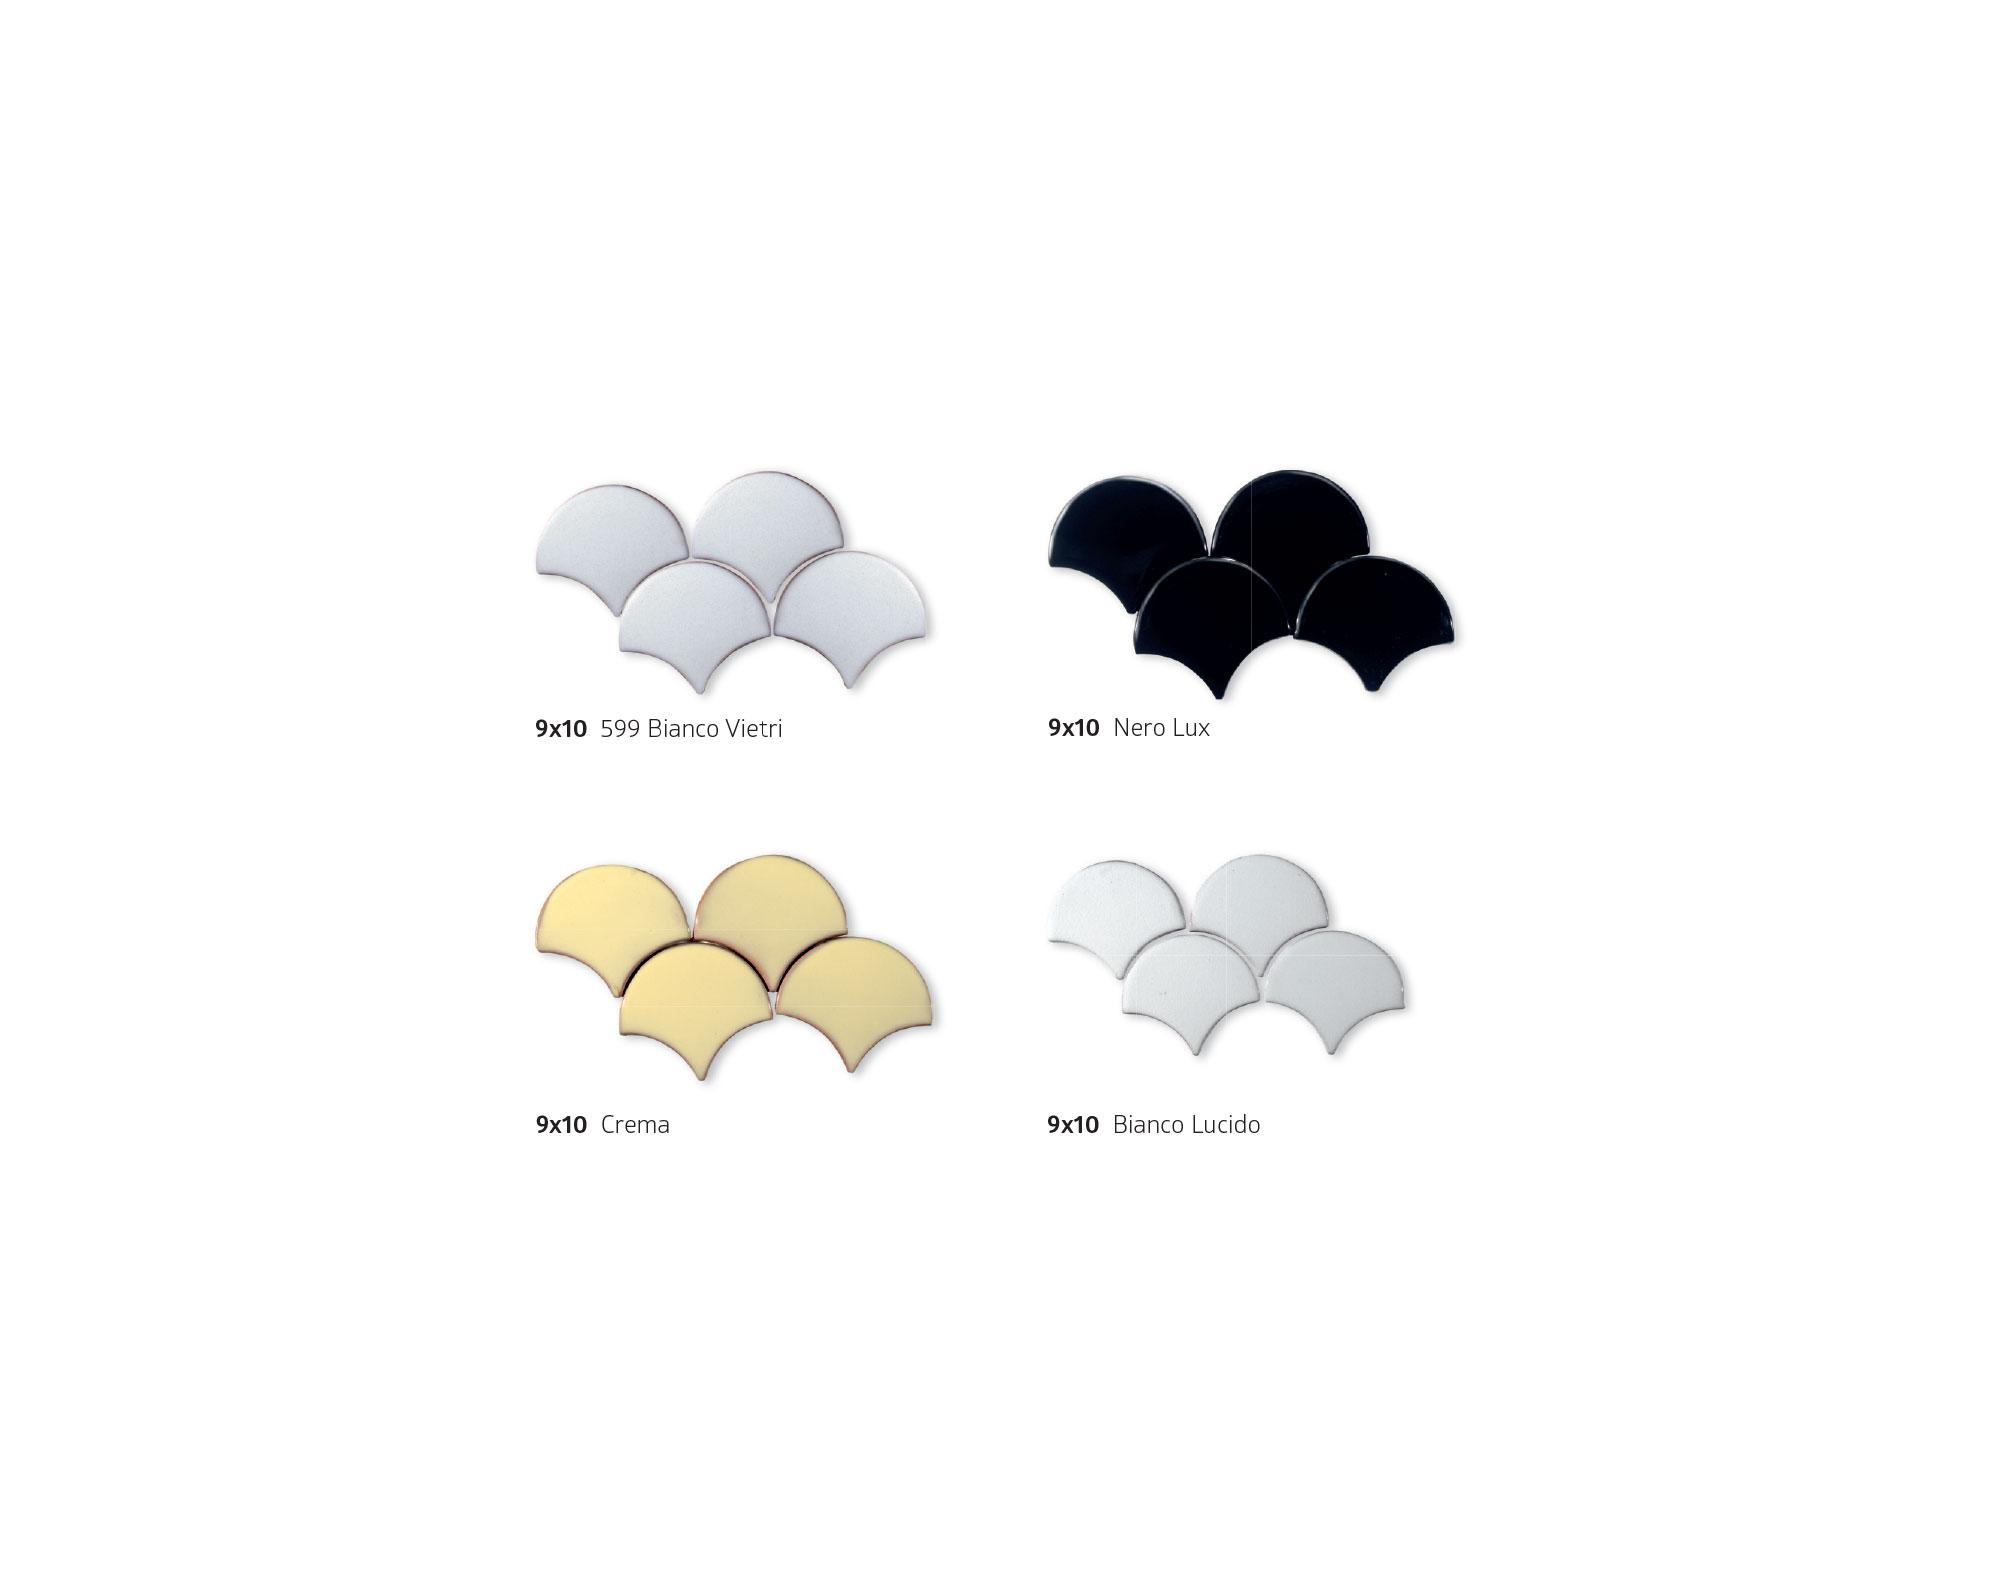 formati speciali - palmette - slide